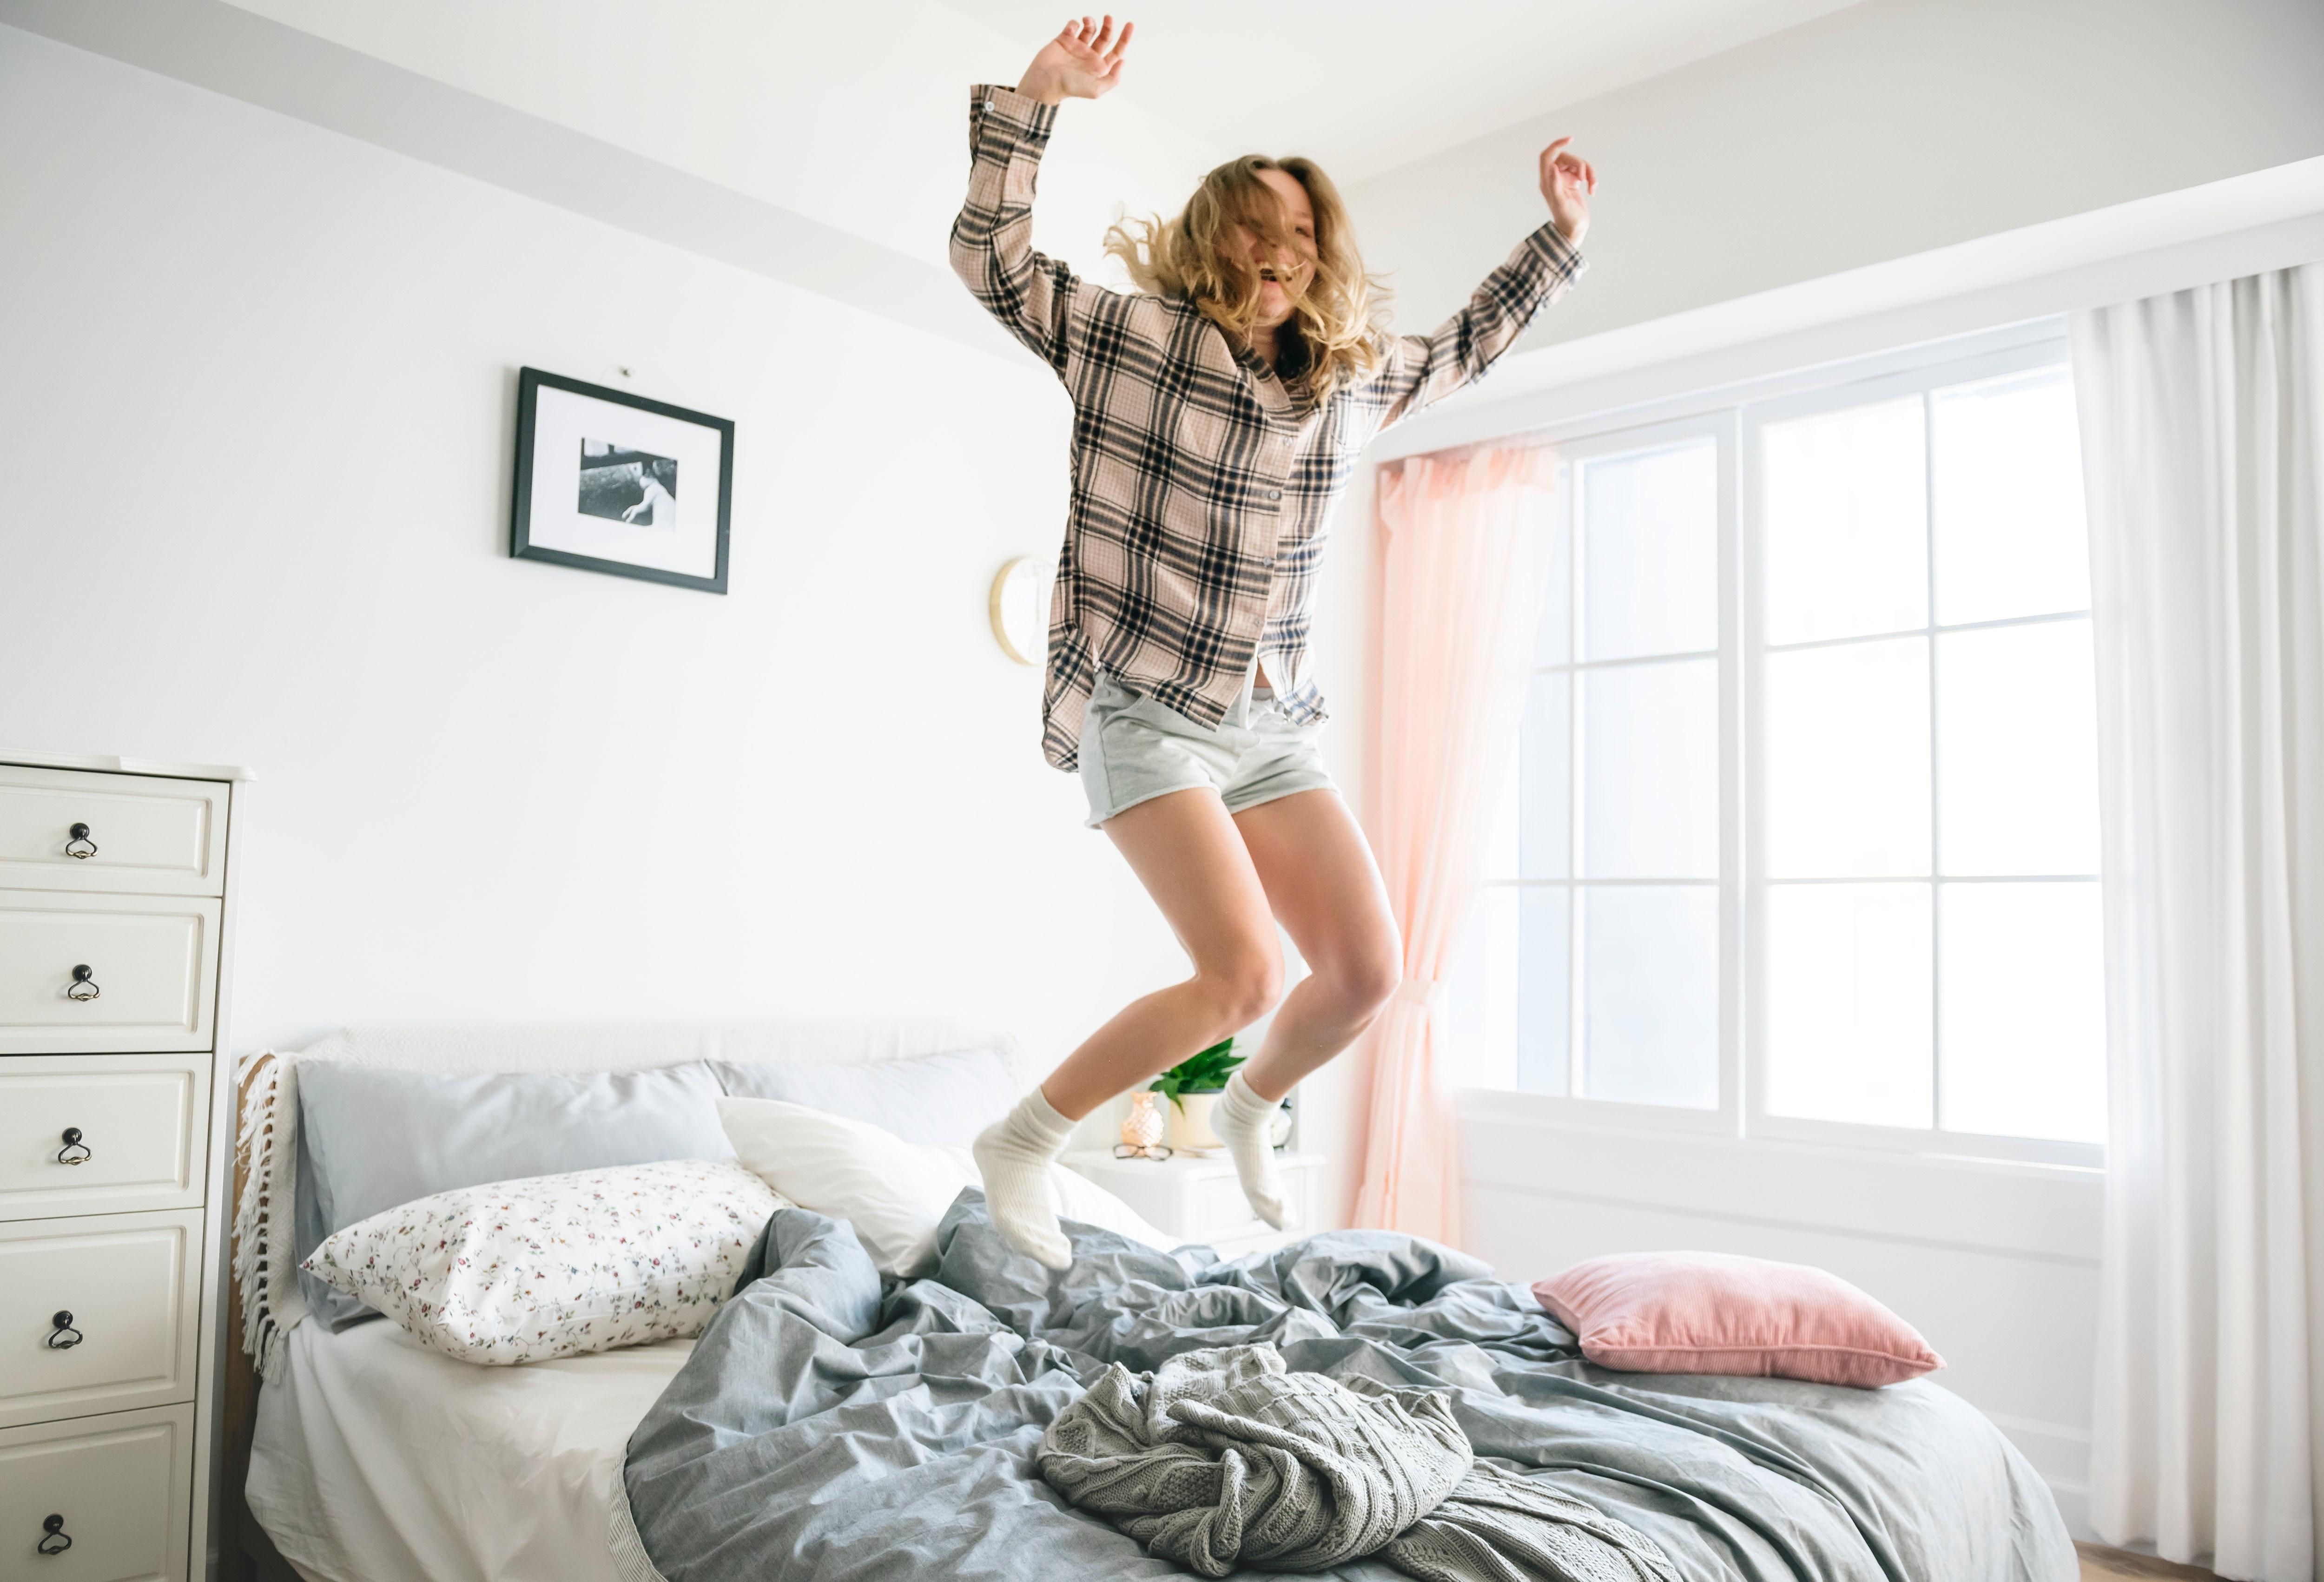 Постельный режим: 10 плюсов (и столько же минусов) сна в отдельных спальнях